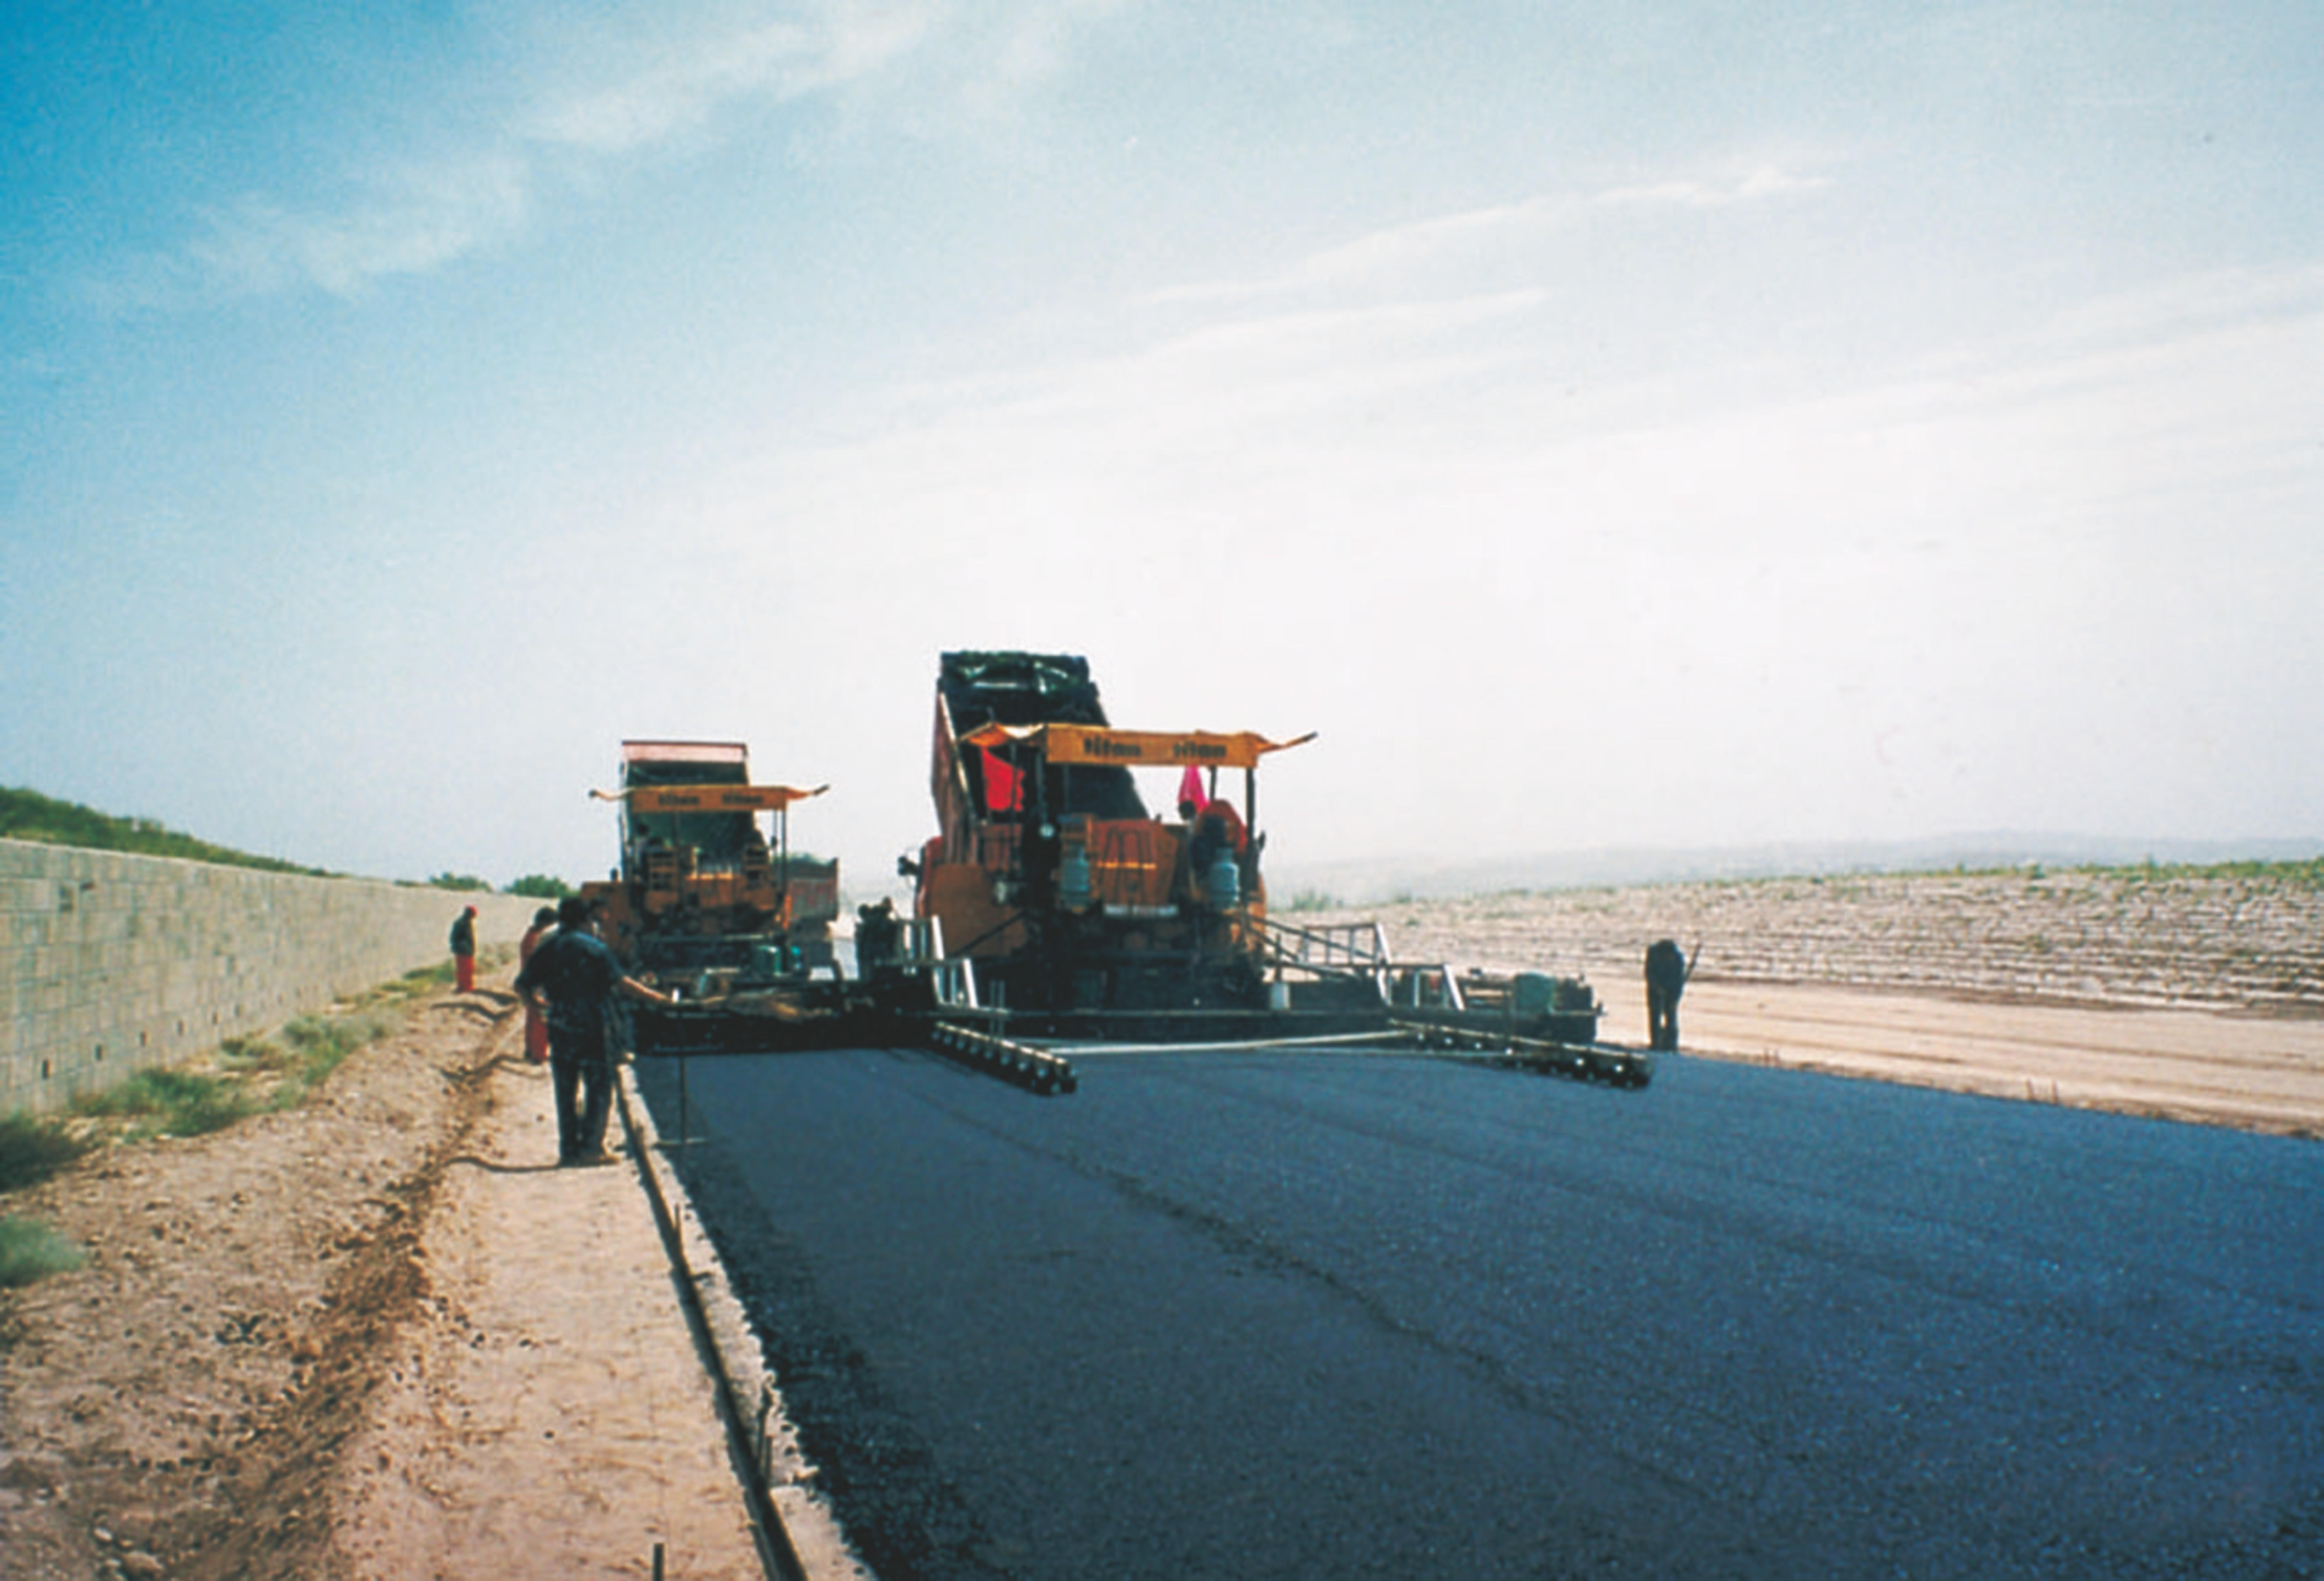 """6陕西榆林至靖阳高速公路,我国沙漠地区建设的第一条高速公路,2005年获中国建筑工程""""鲁班奖"""".jpg"""